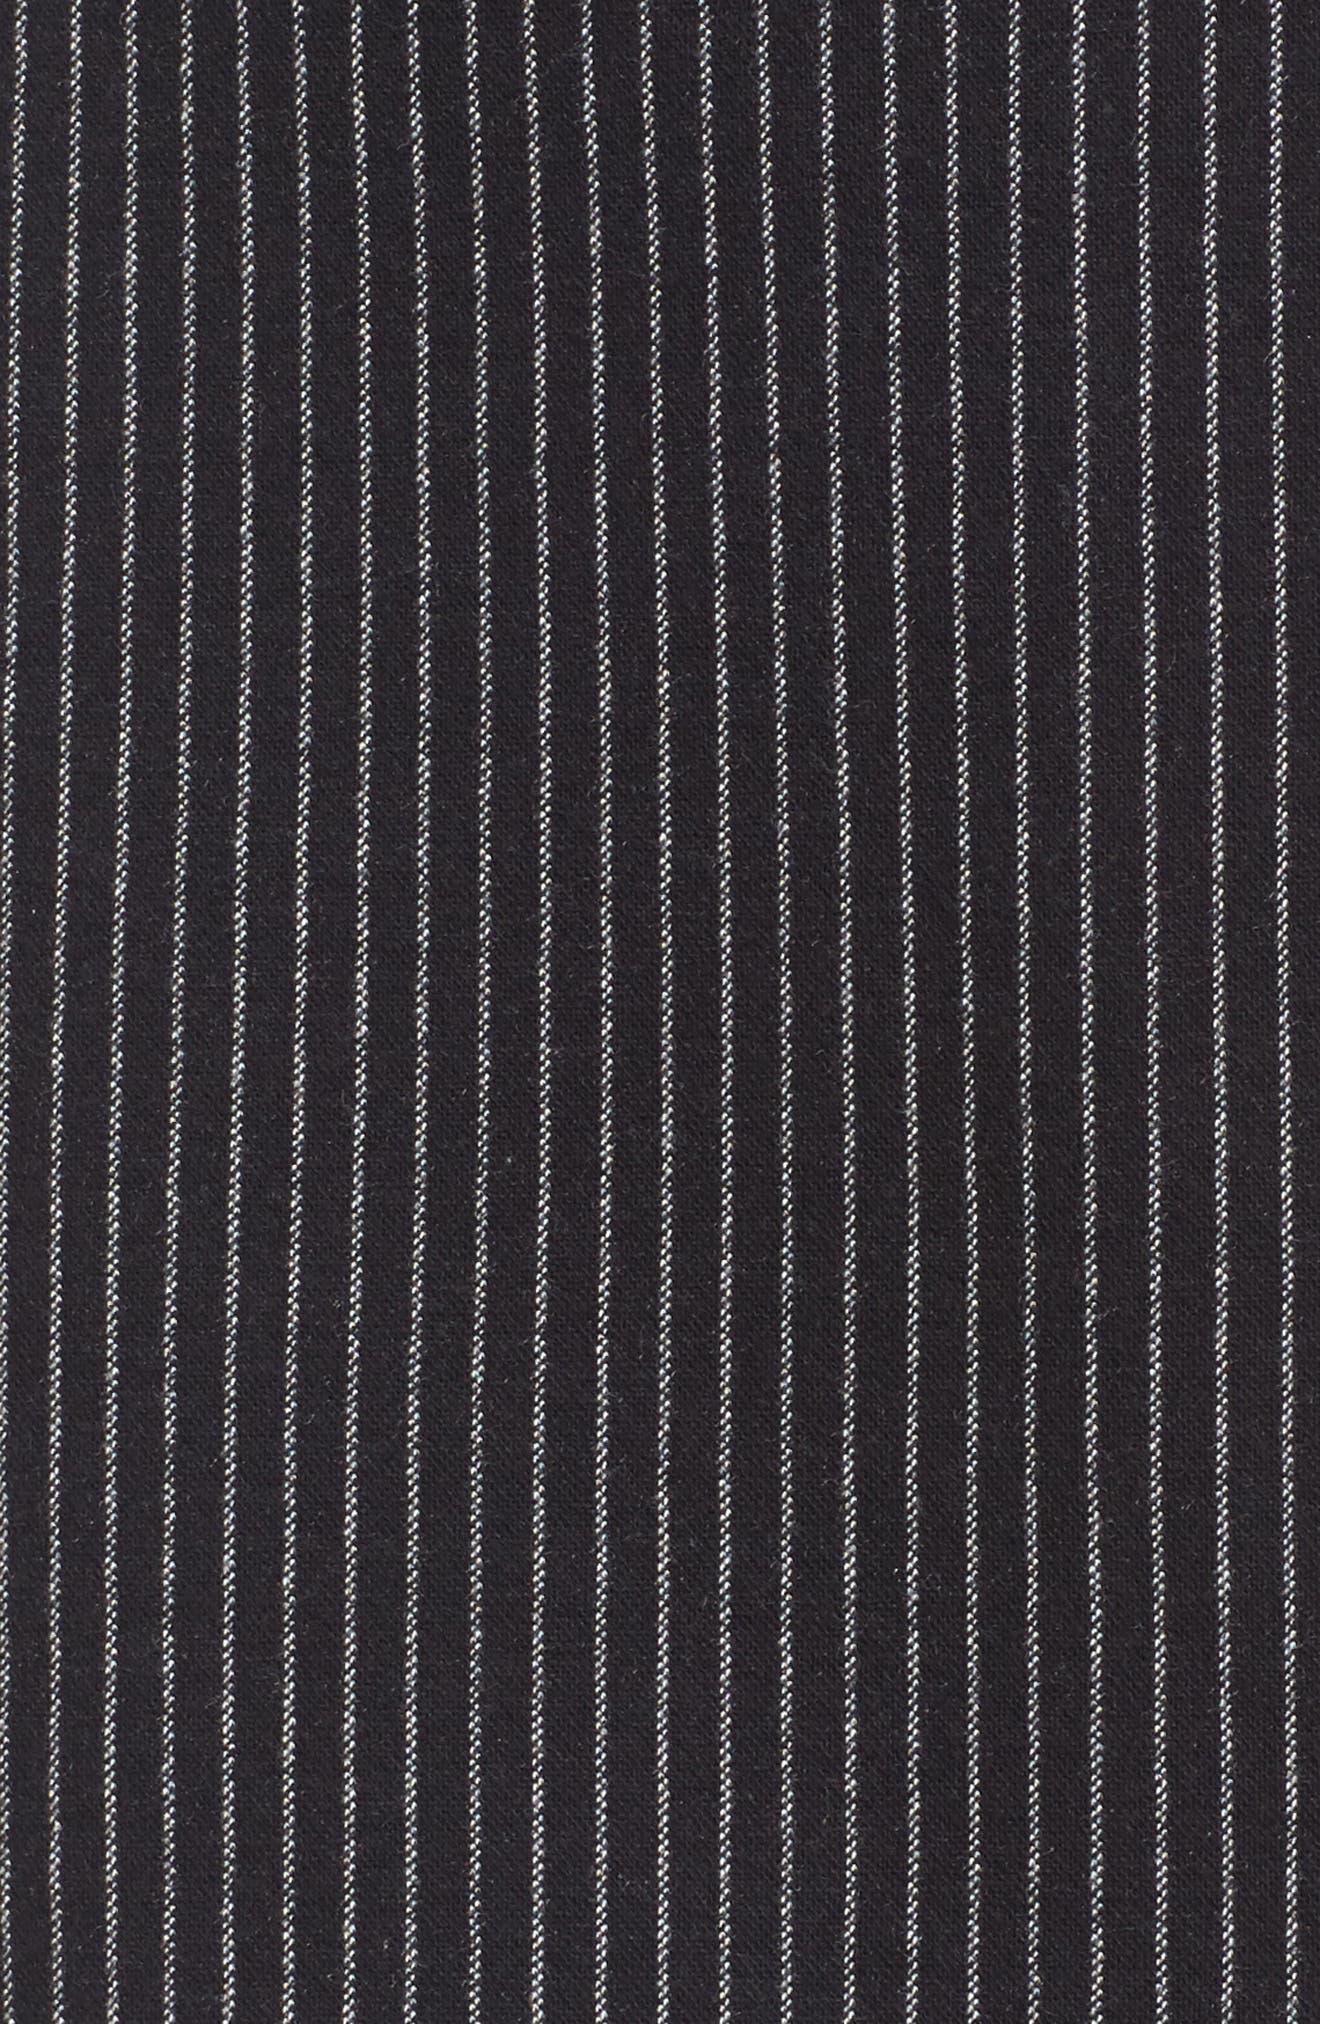 Alternate Image 5  - Leith Grommet Pencil Skirt